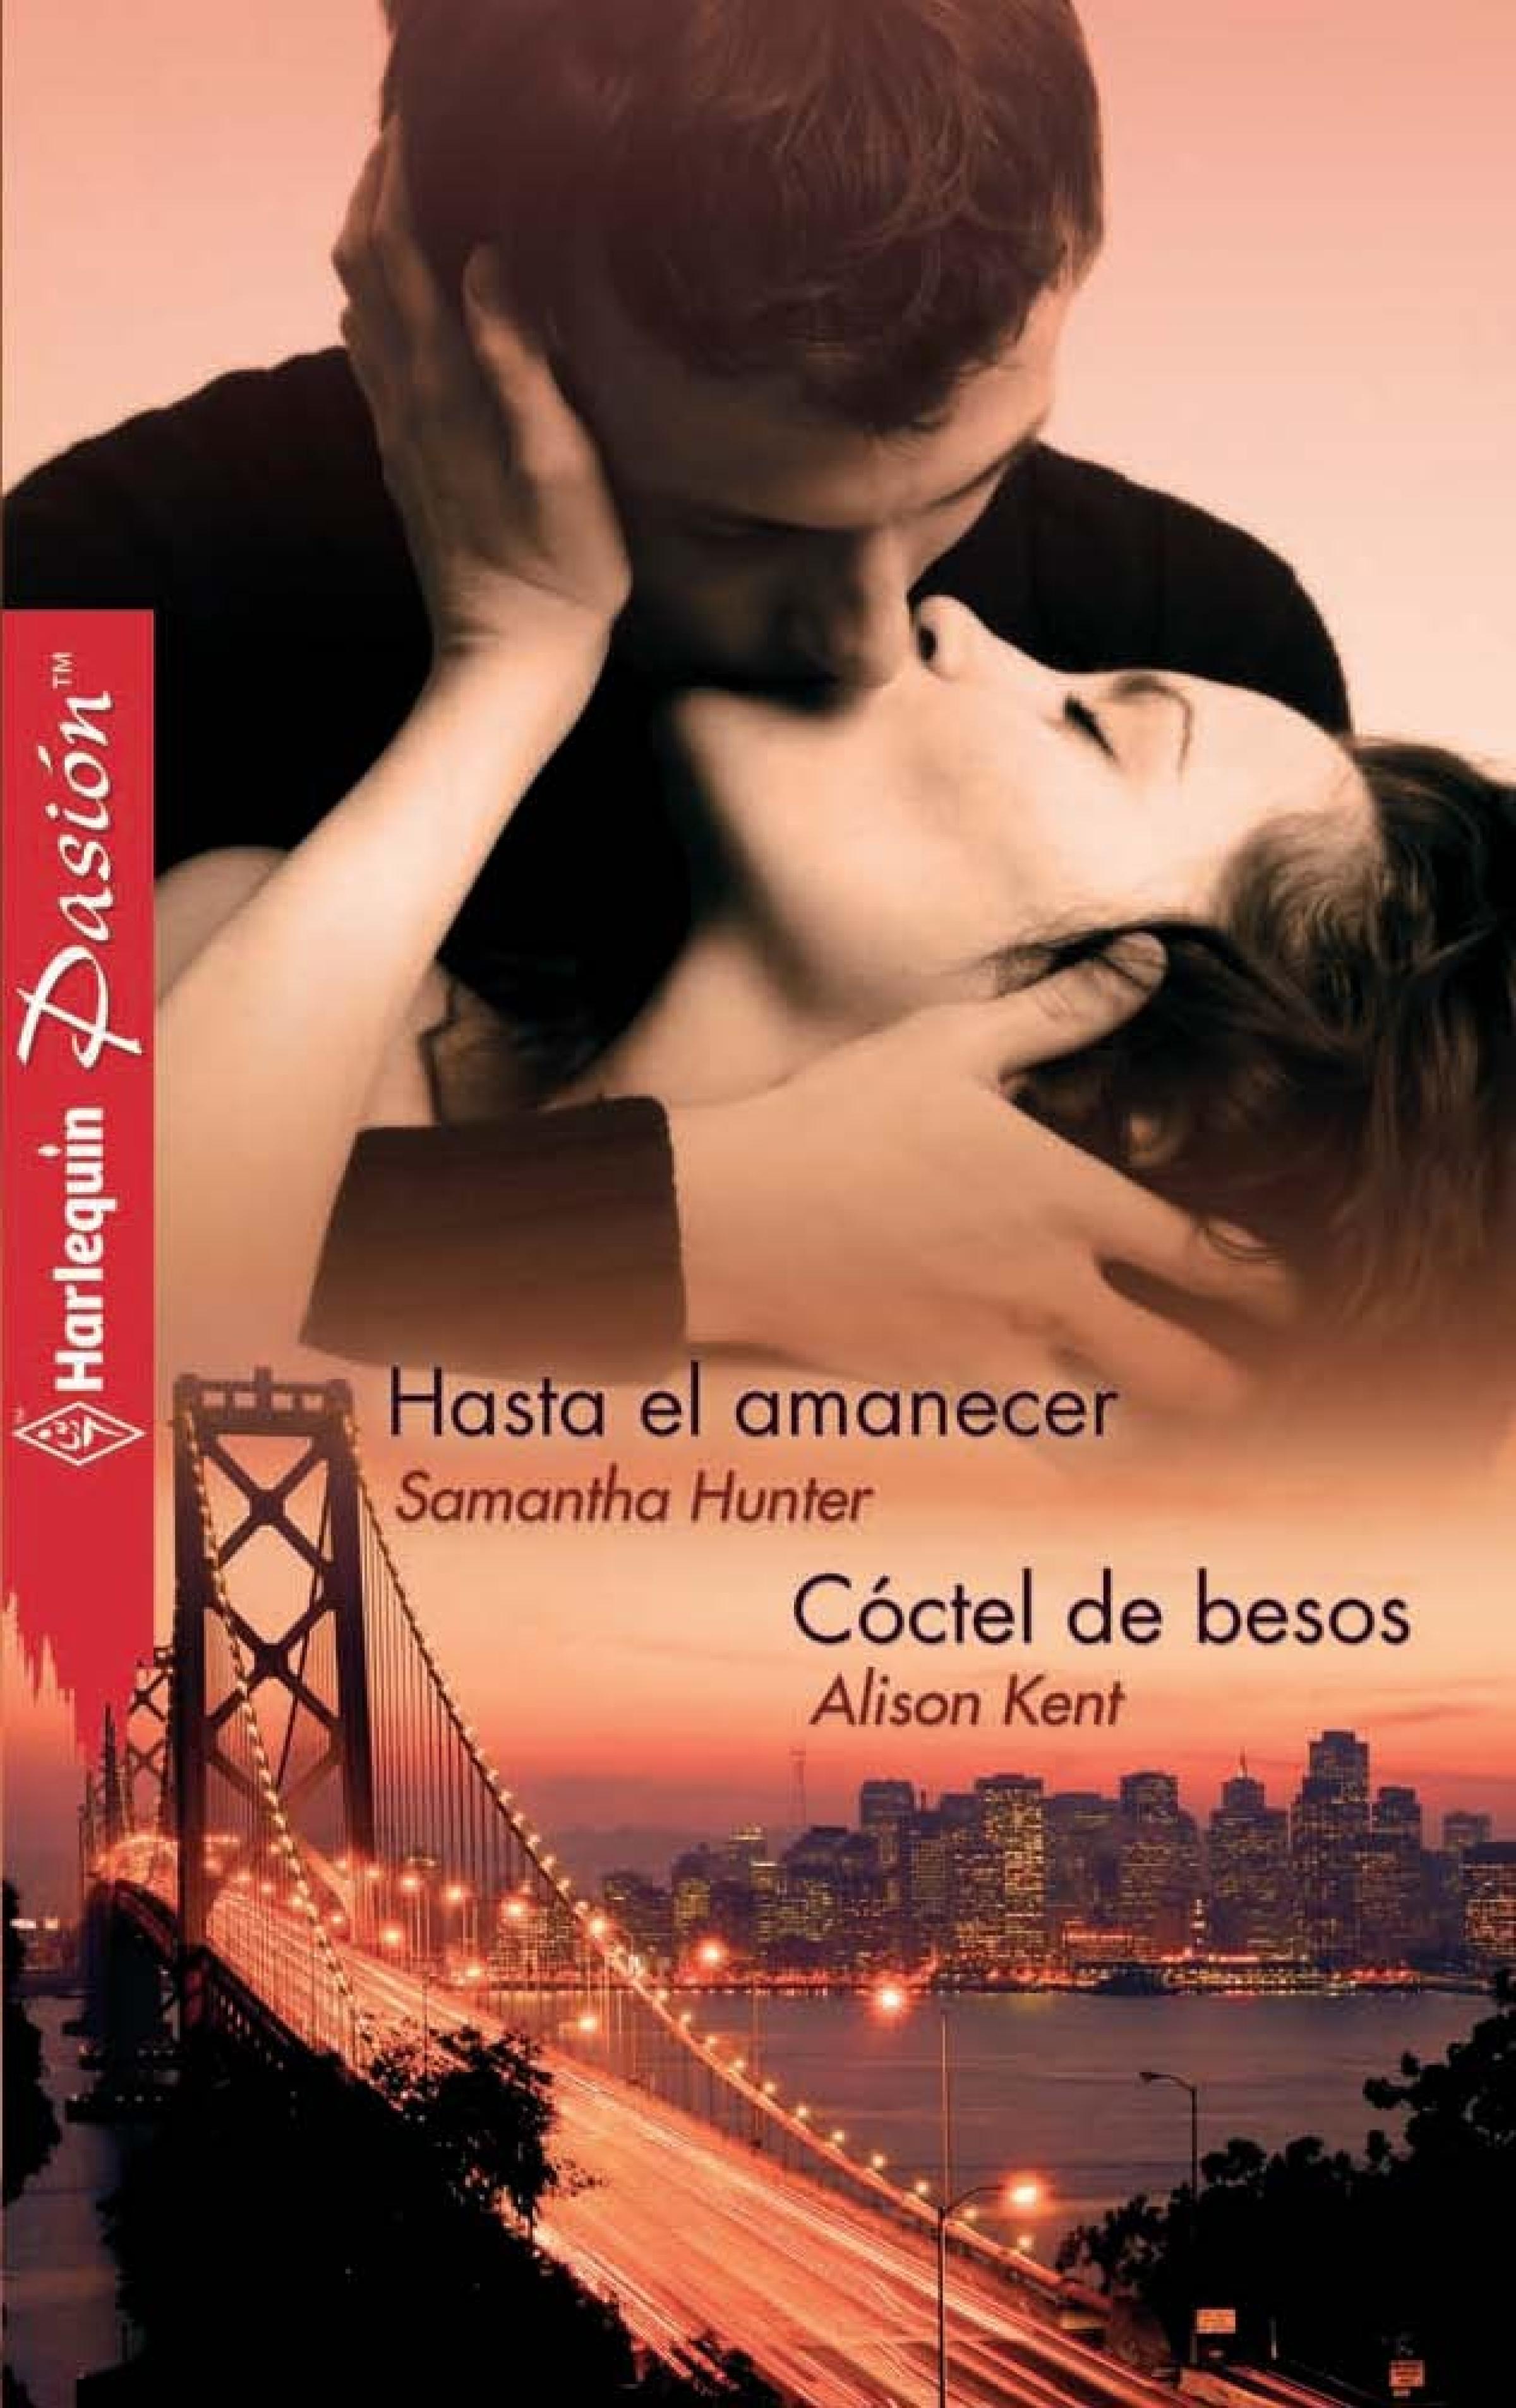 Samantha Hunter Hasta el amanecer - Cóctel de besos rubén escartín pascual el amanecer de los ángeles